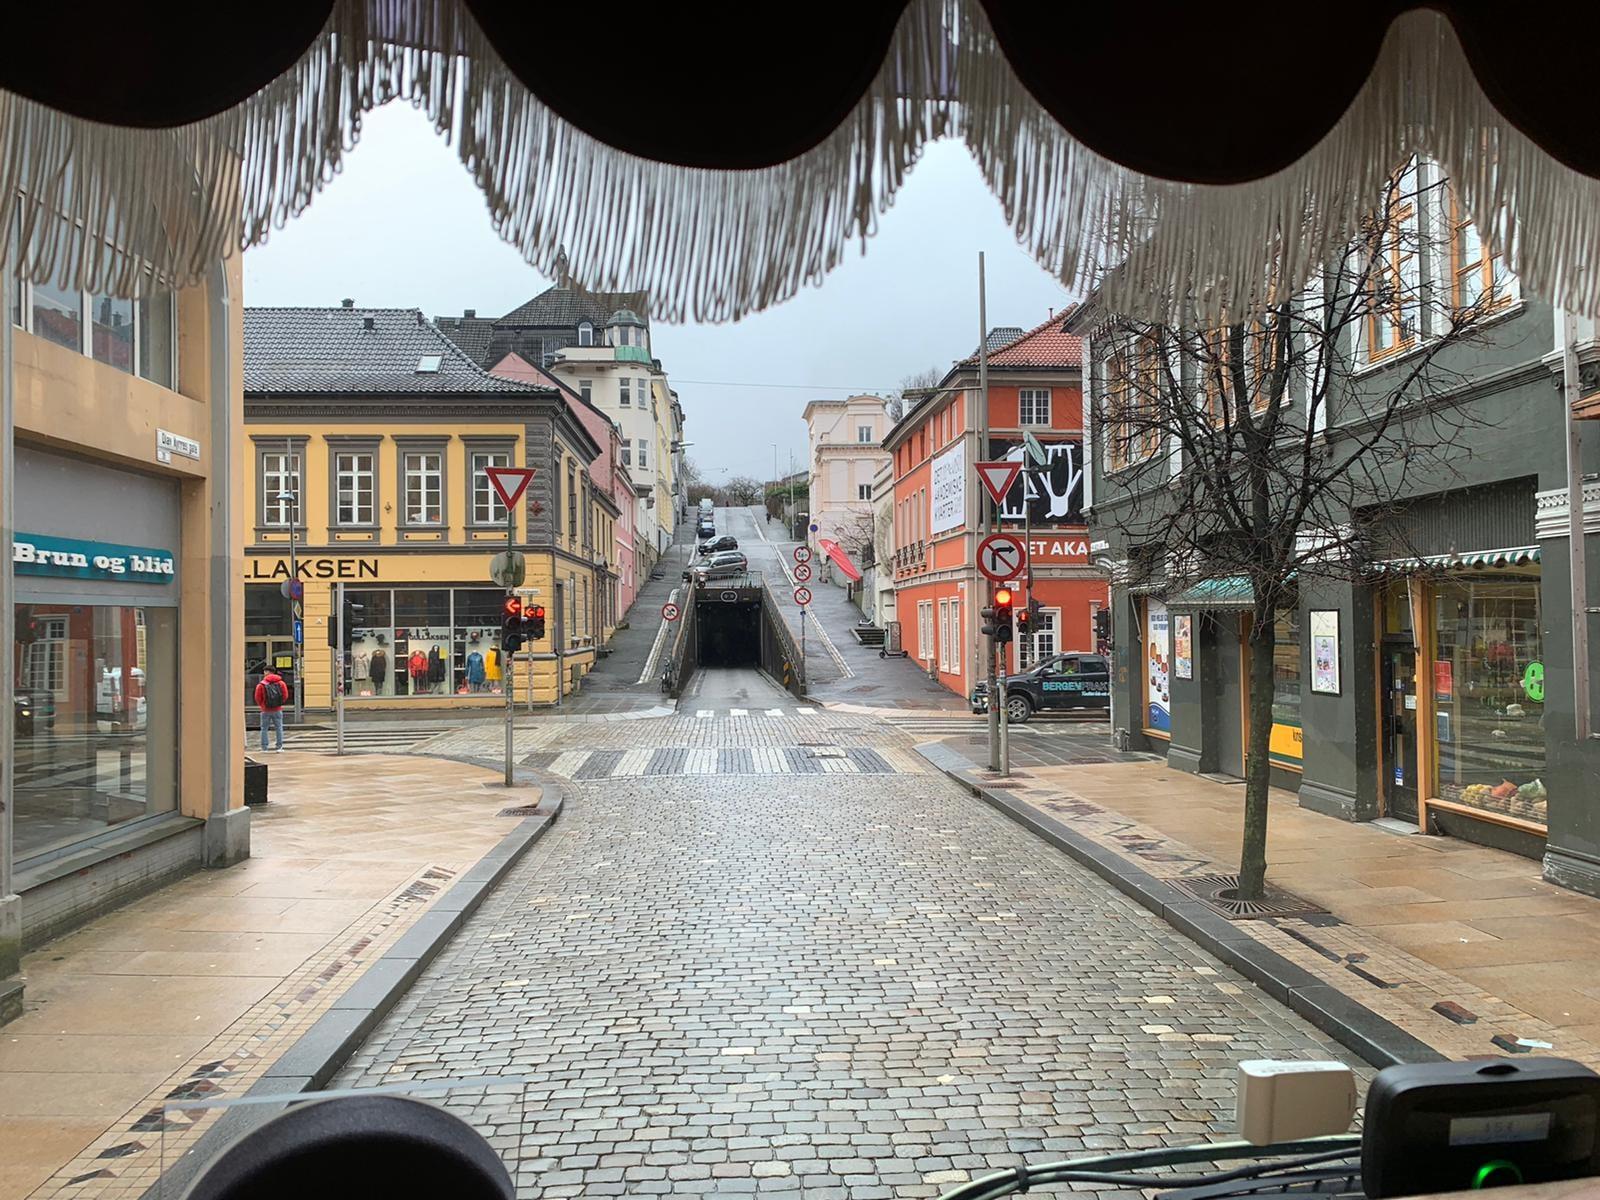 Danny-onderweg-naar-Bergen-in-Noowegen-23-3-2021--(2)